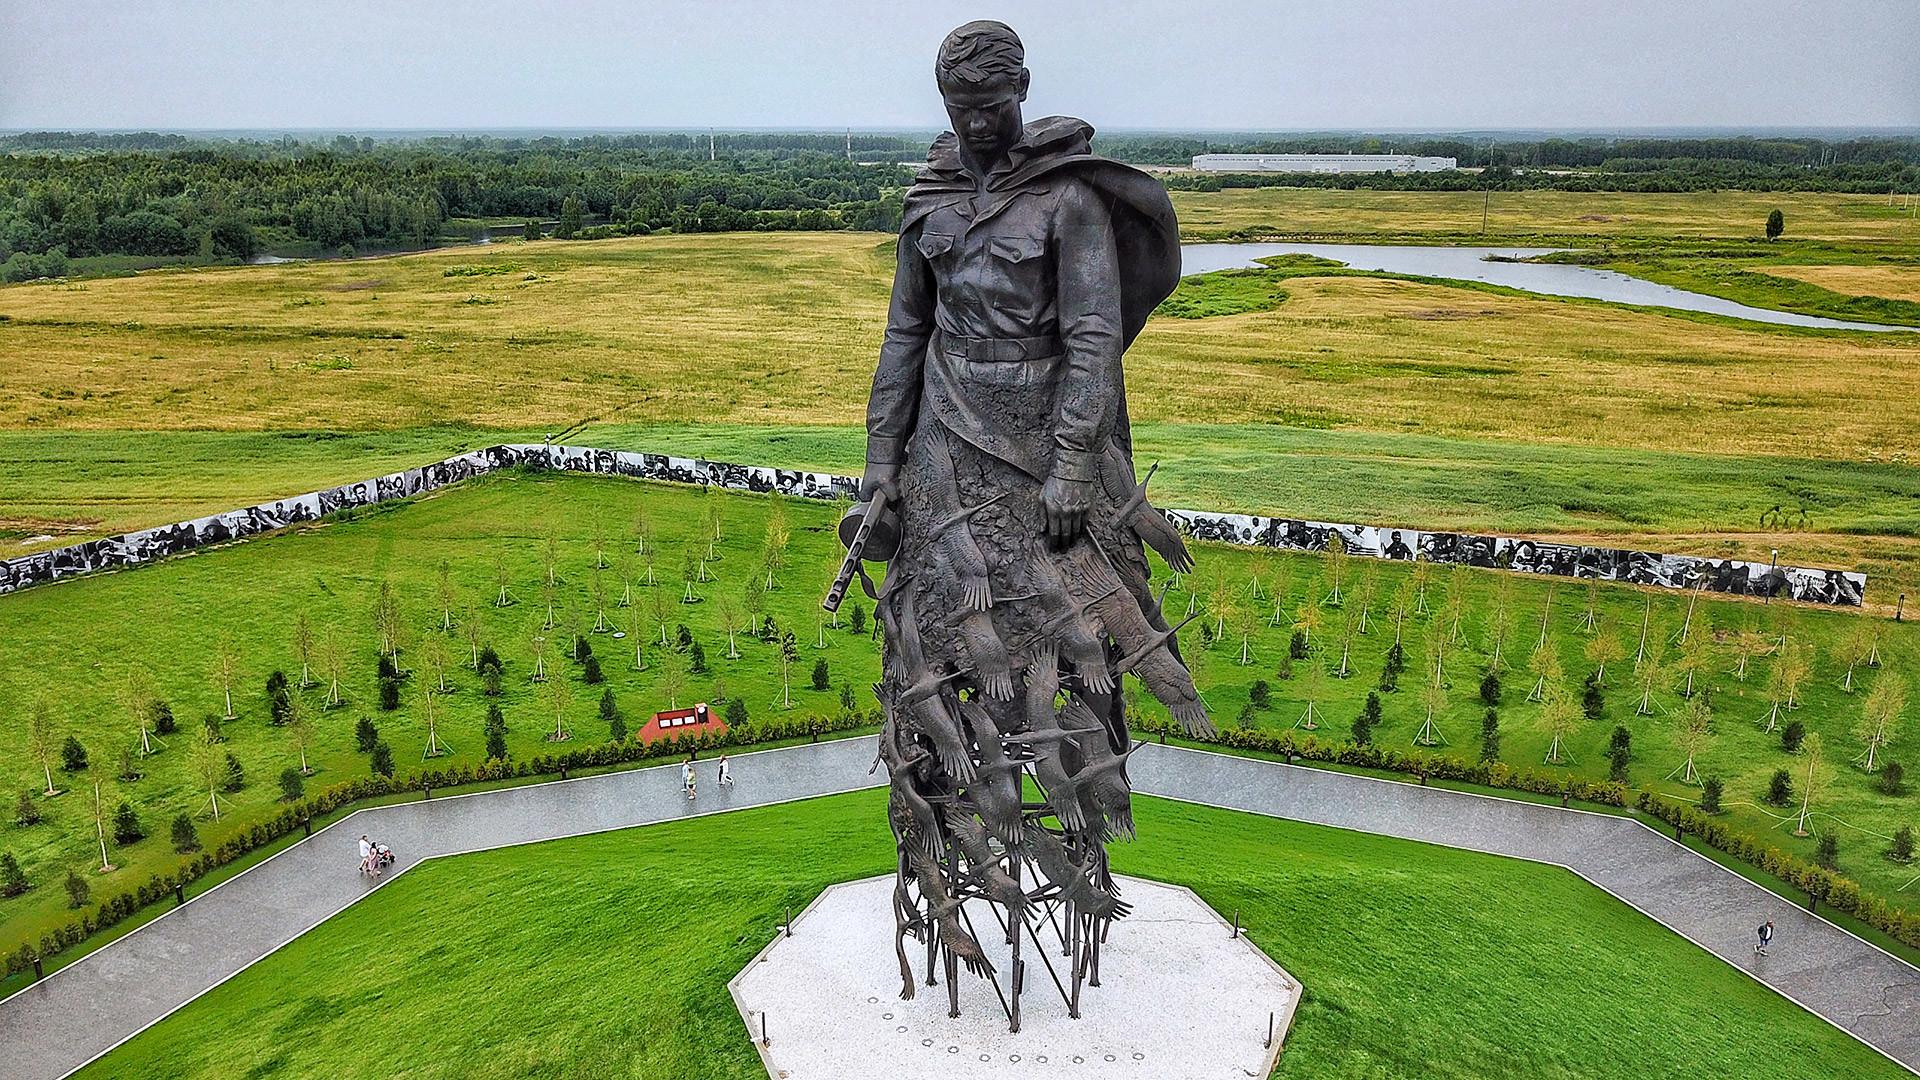 Ржевский мемориал Советскому солдату, открытый 30 июня 2020 года.